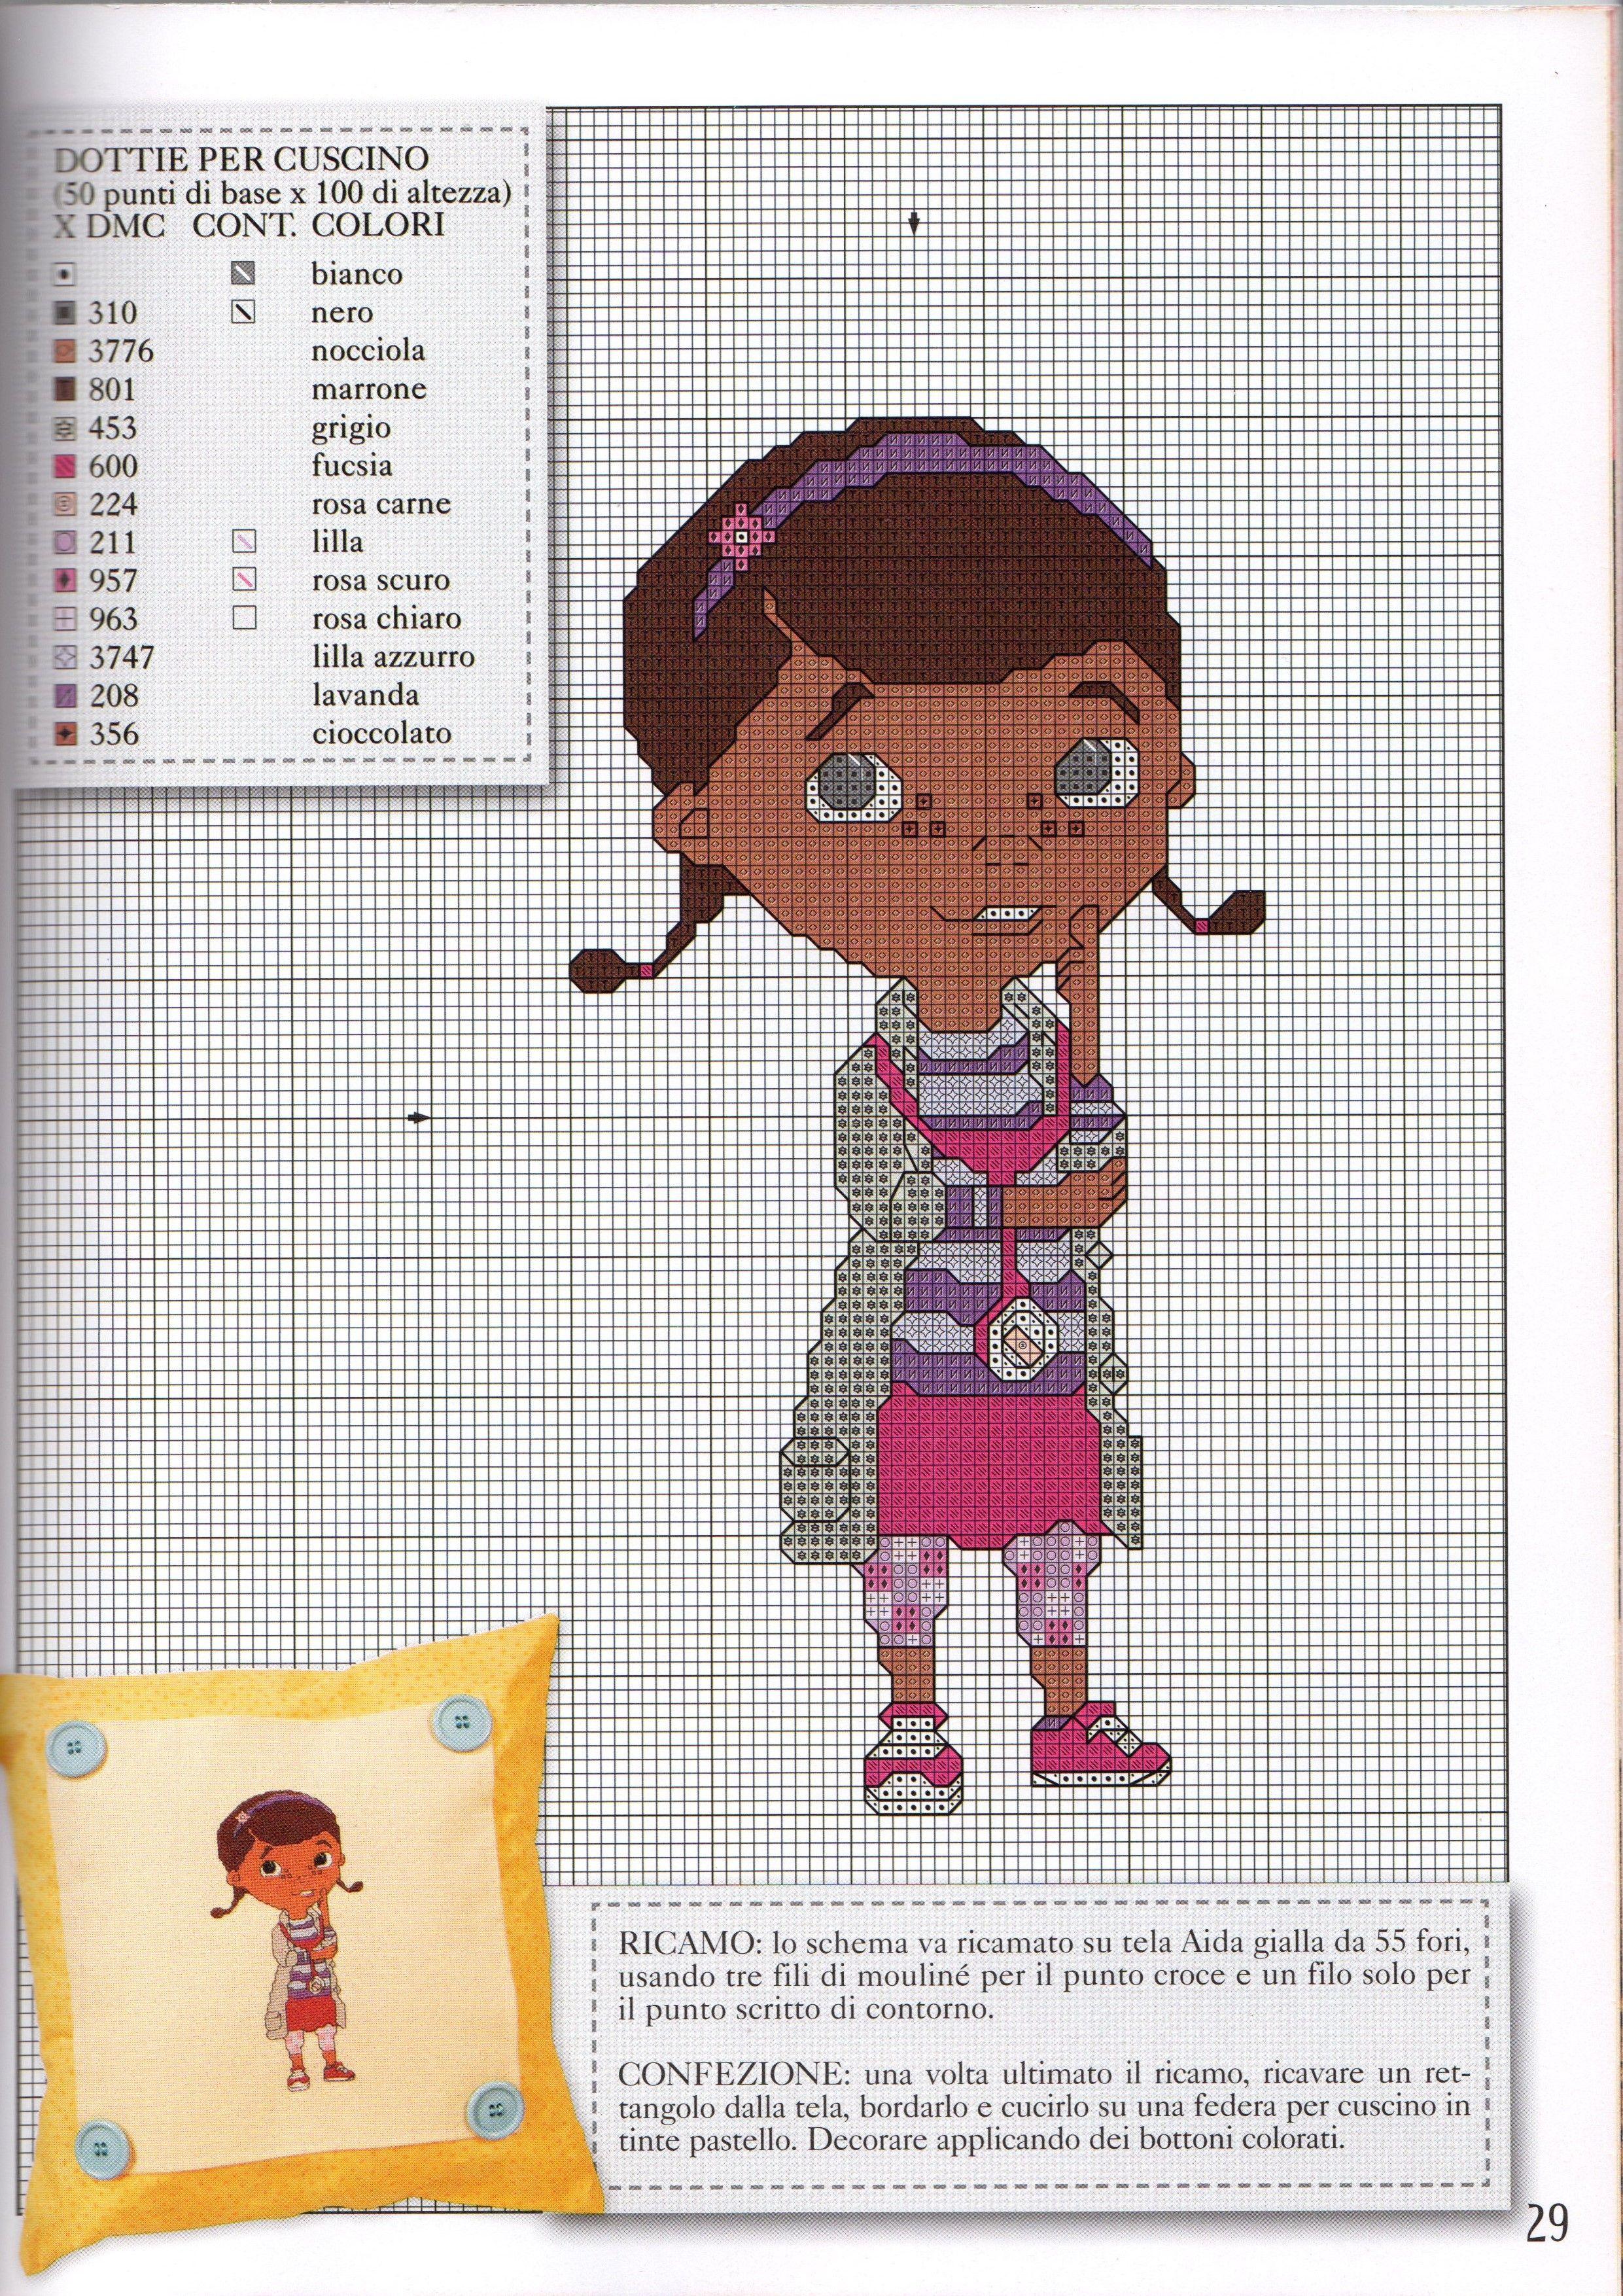 Colorati D Azzurro Chiaro dott. peluche (with images)   disney cross stitch, stitch